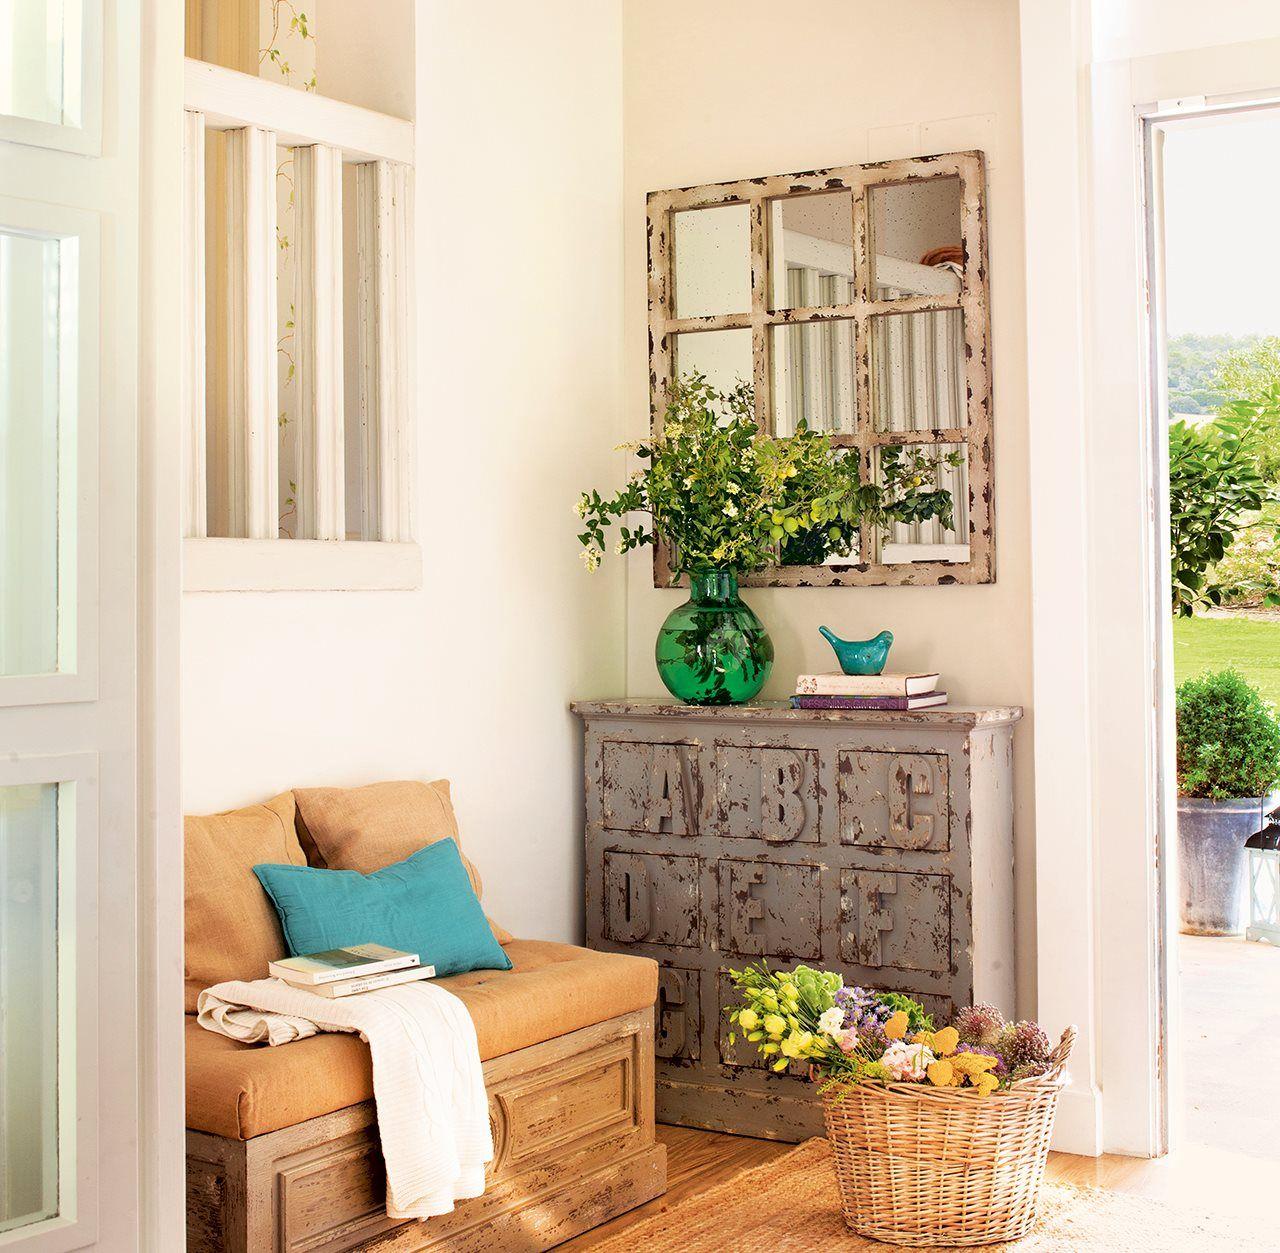 Recibidor Con Muebles Decapados Peque O Recibidor Con Banco Y  # Muebles Hall Entrada Casa